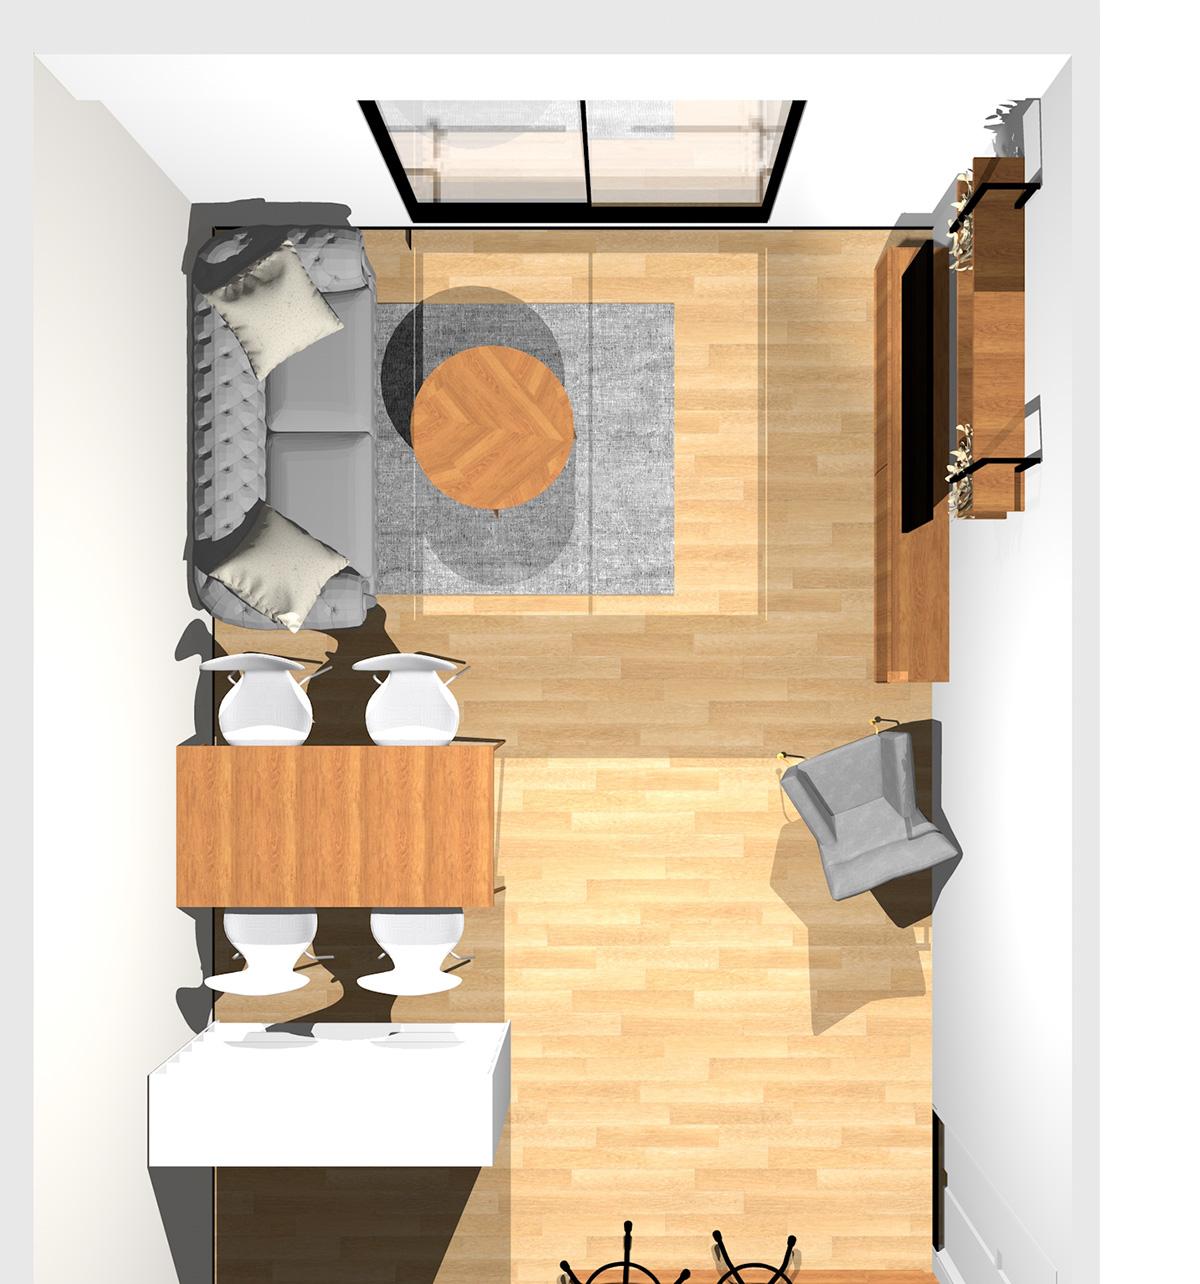 オープンシェルフを間仕切りに活用した上品で清潔感のあるリビングダイニング(壁付けI型キッチン)のパース